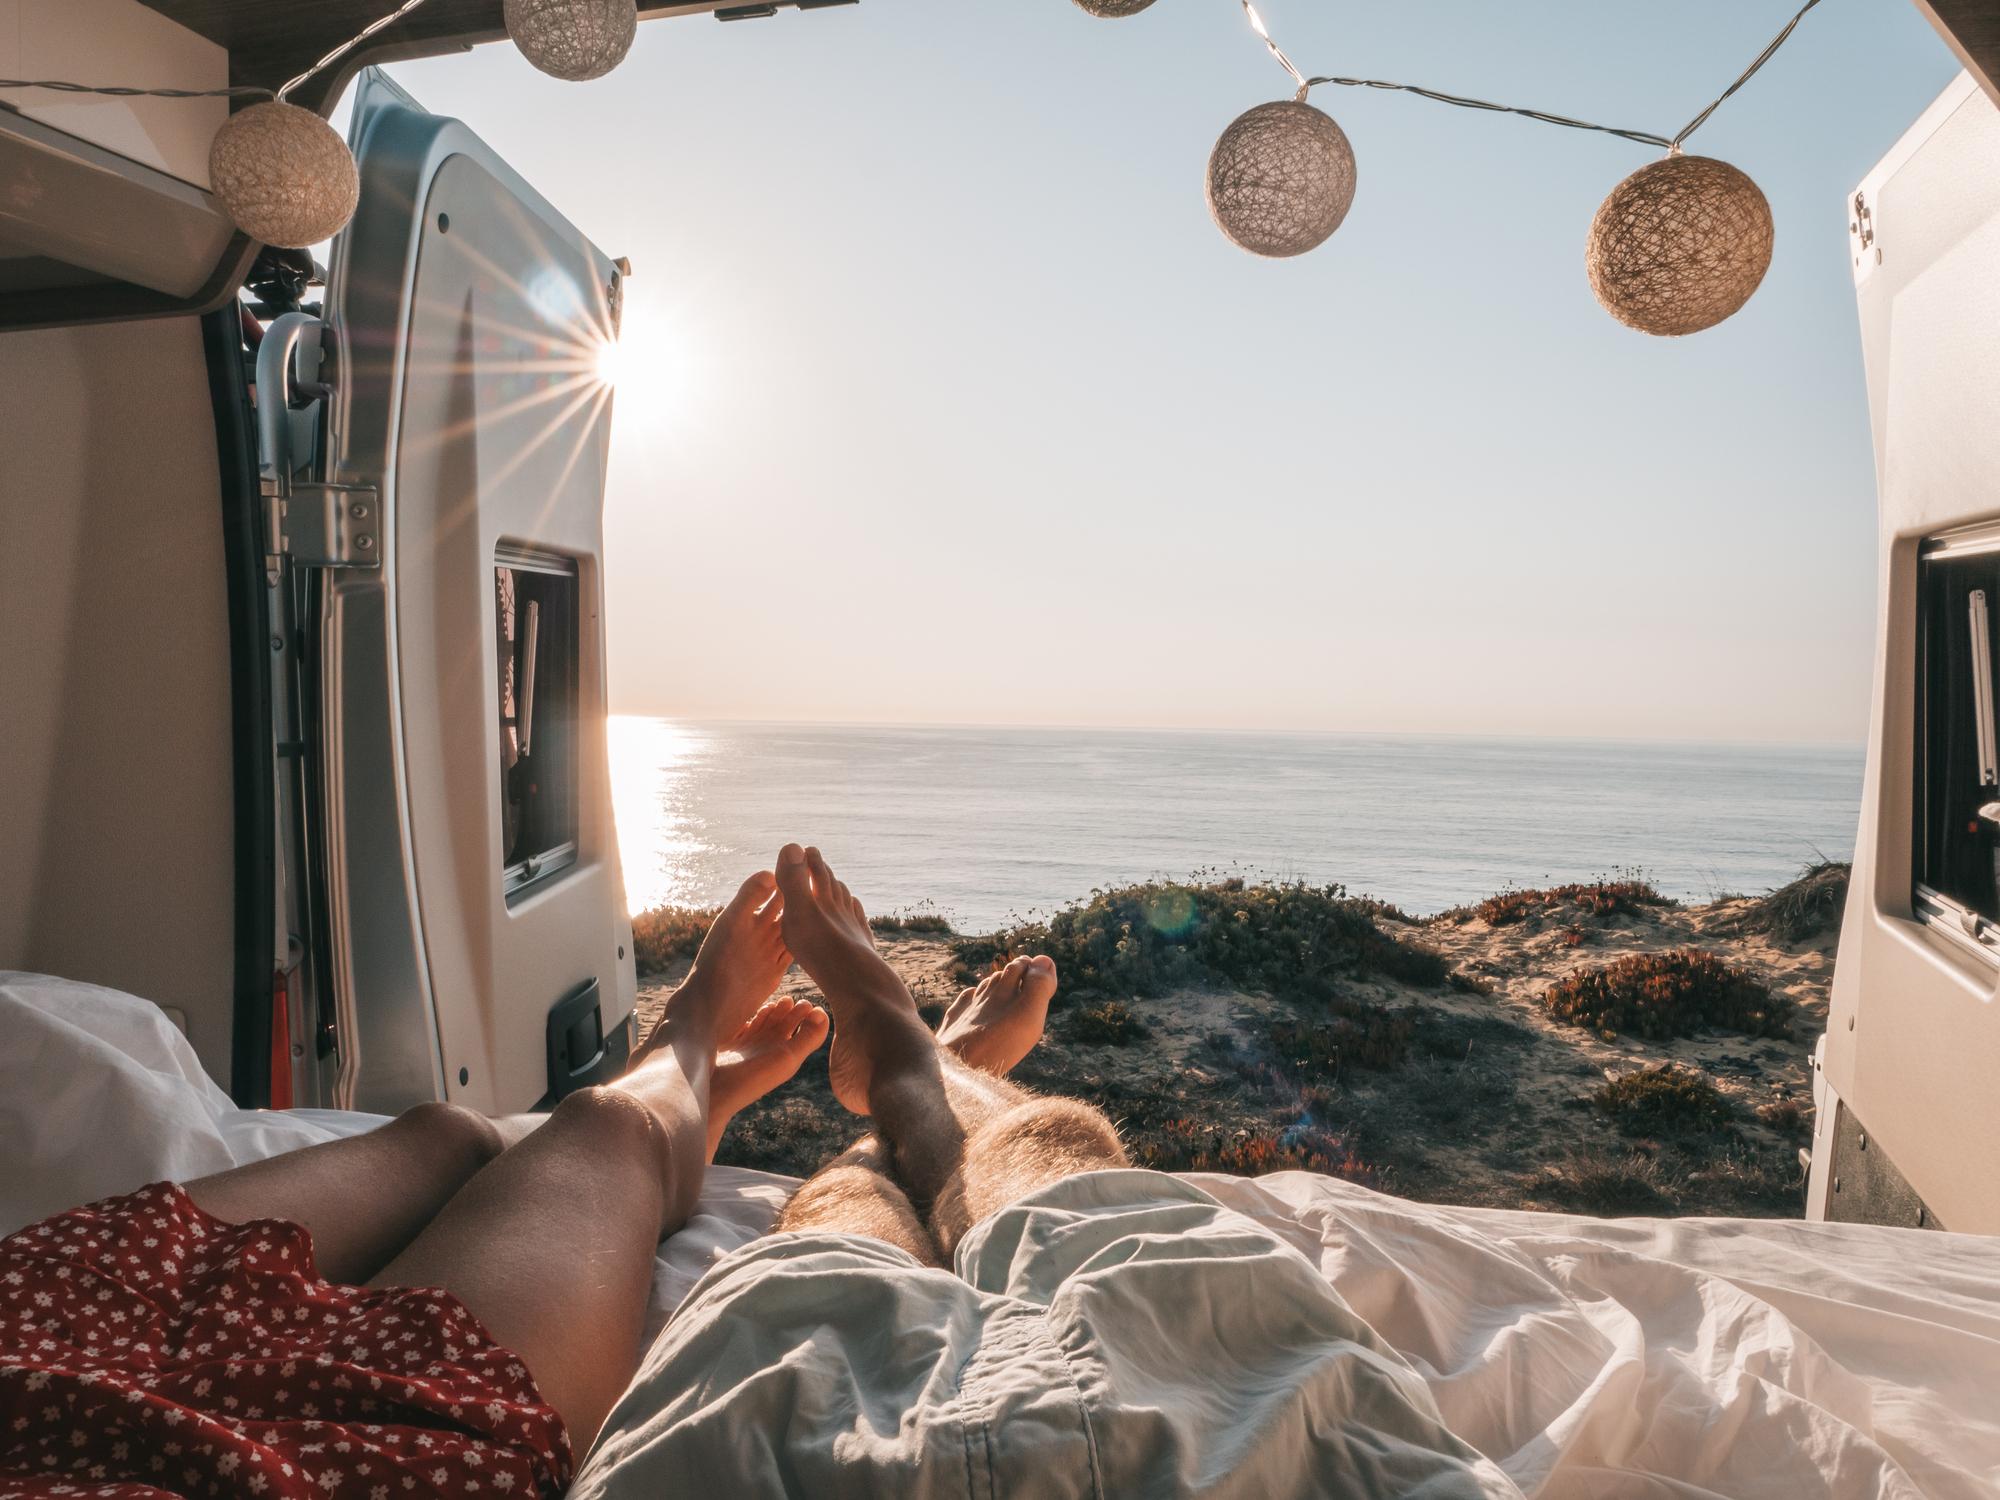 <p>Телец</p>  <p>Телецът обича комфорта и лукса. Предложението ни е свързано с приключенския къмпинг, но без да се прави компромис с условията - всеки представител на тази зодия би се чувствал прекрасно в луксозна каравана на брега на морето.</p>